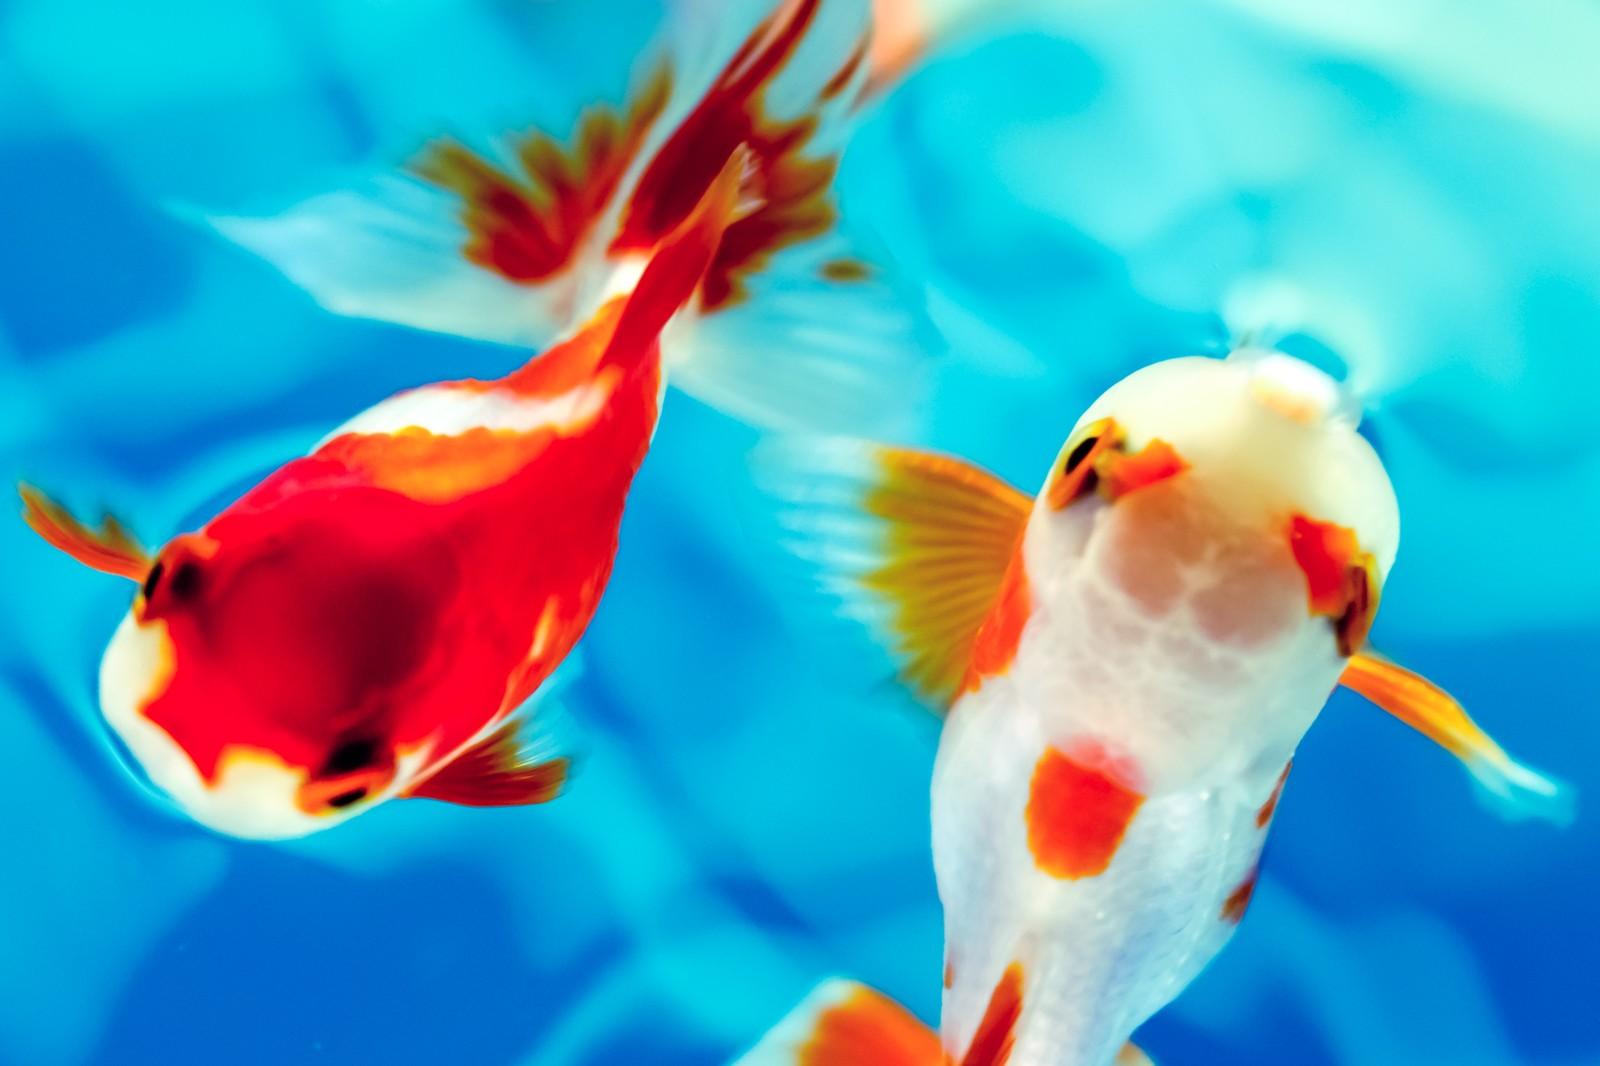 【金魚の鑑賞方】夏の風物詩「金魚」のあれこれ【武士の副業から始まった!?】